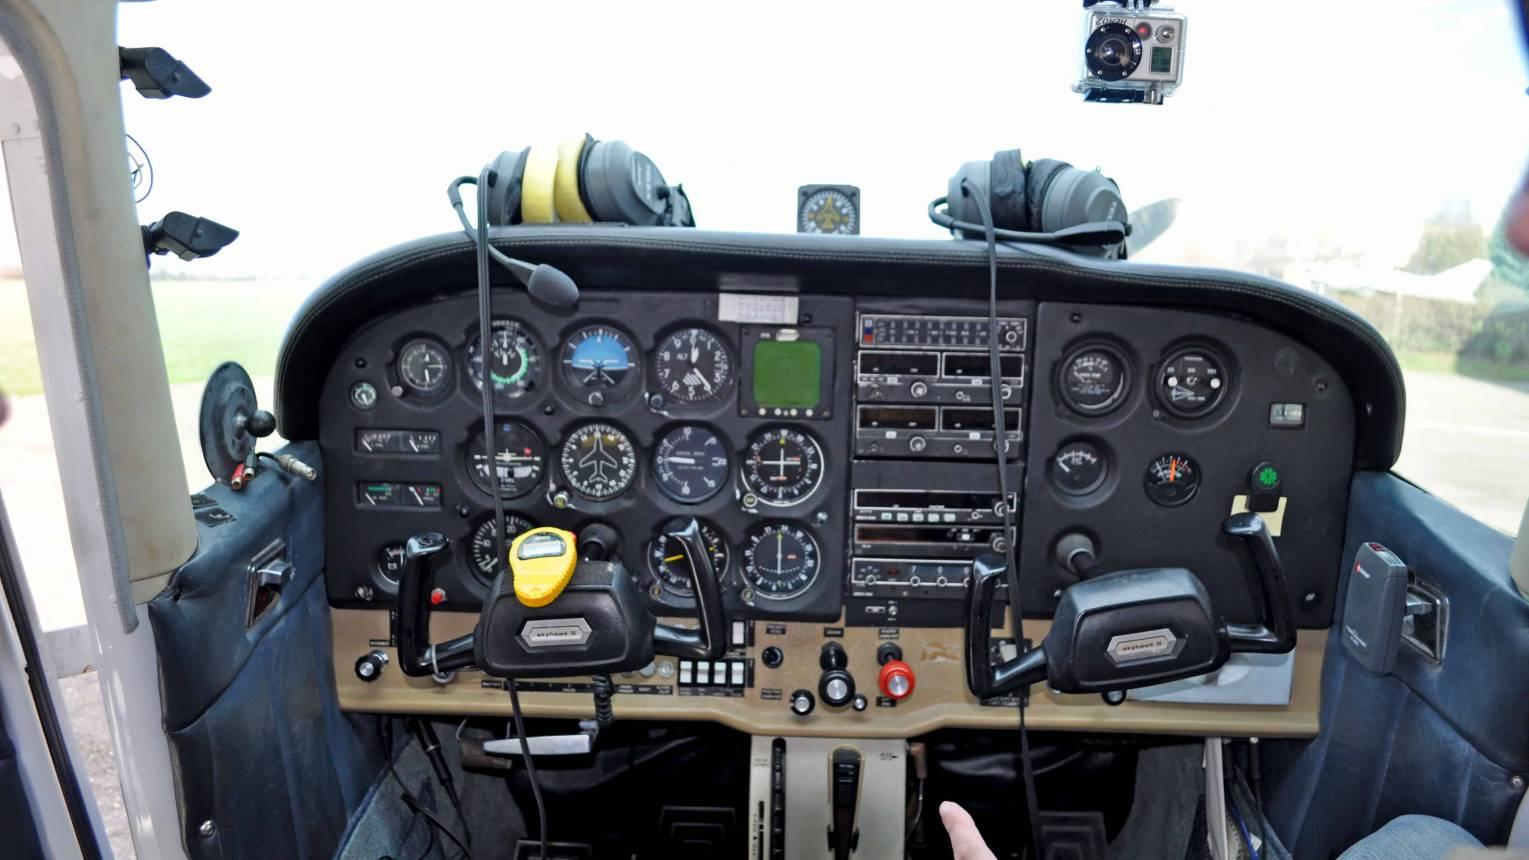 Repülőgép vezetés 2 kísérővel